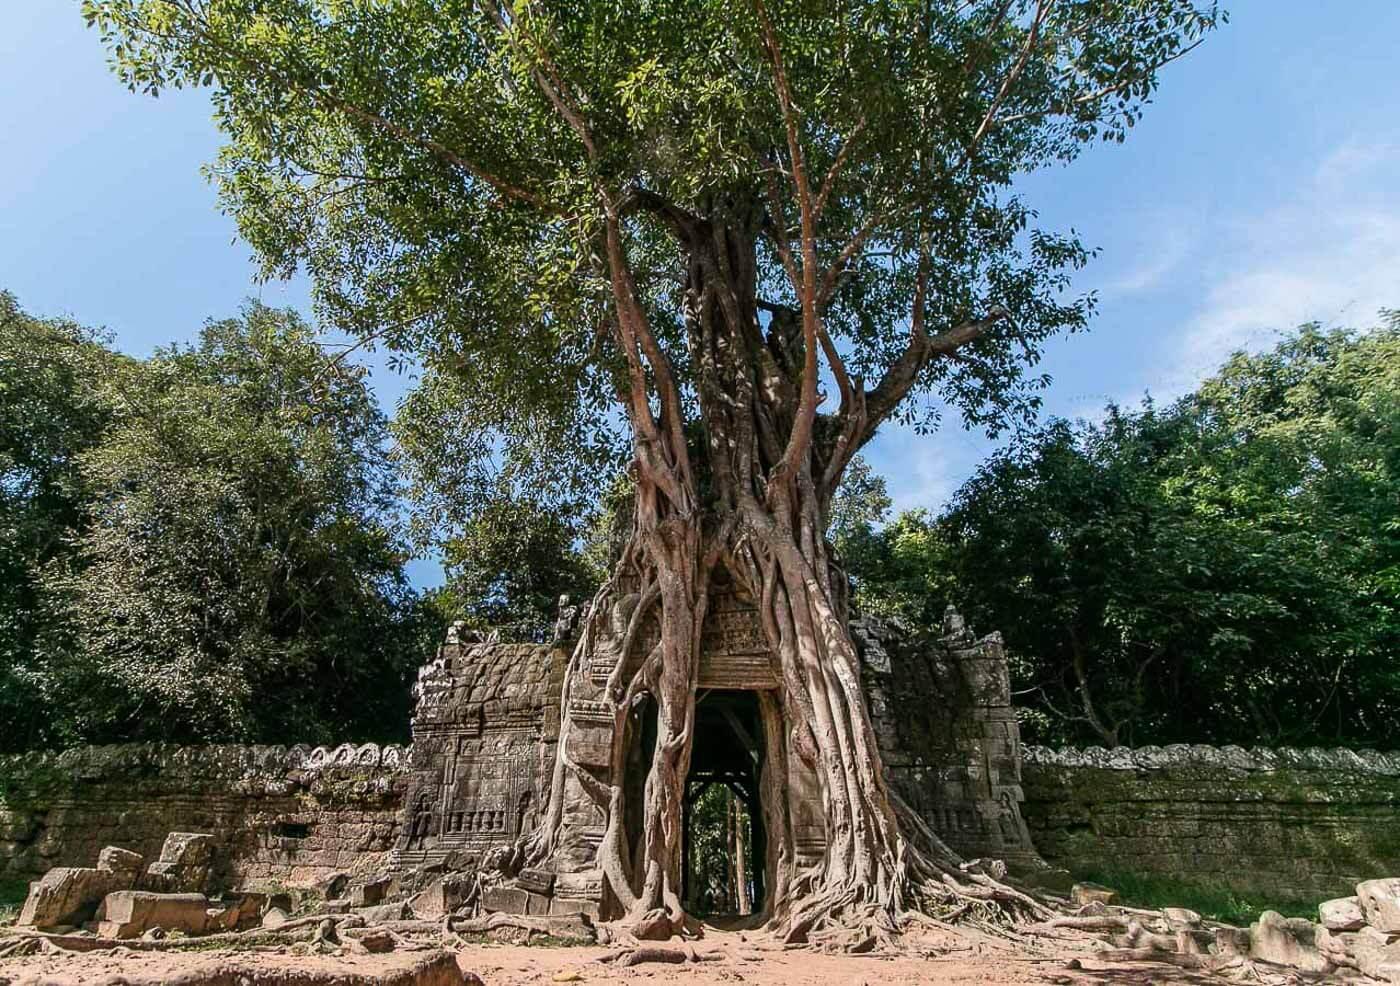 Viagem para o Camboja - Árvore engole uma estrutura